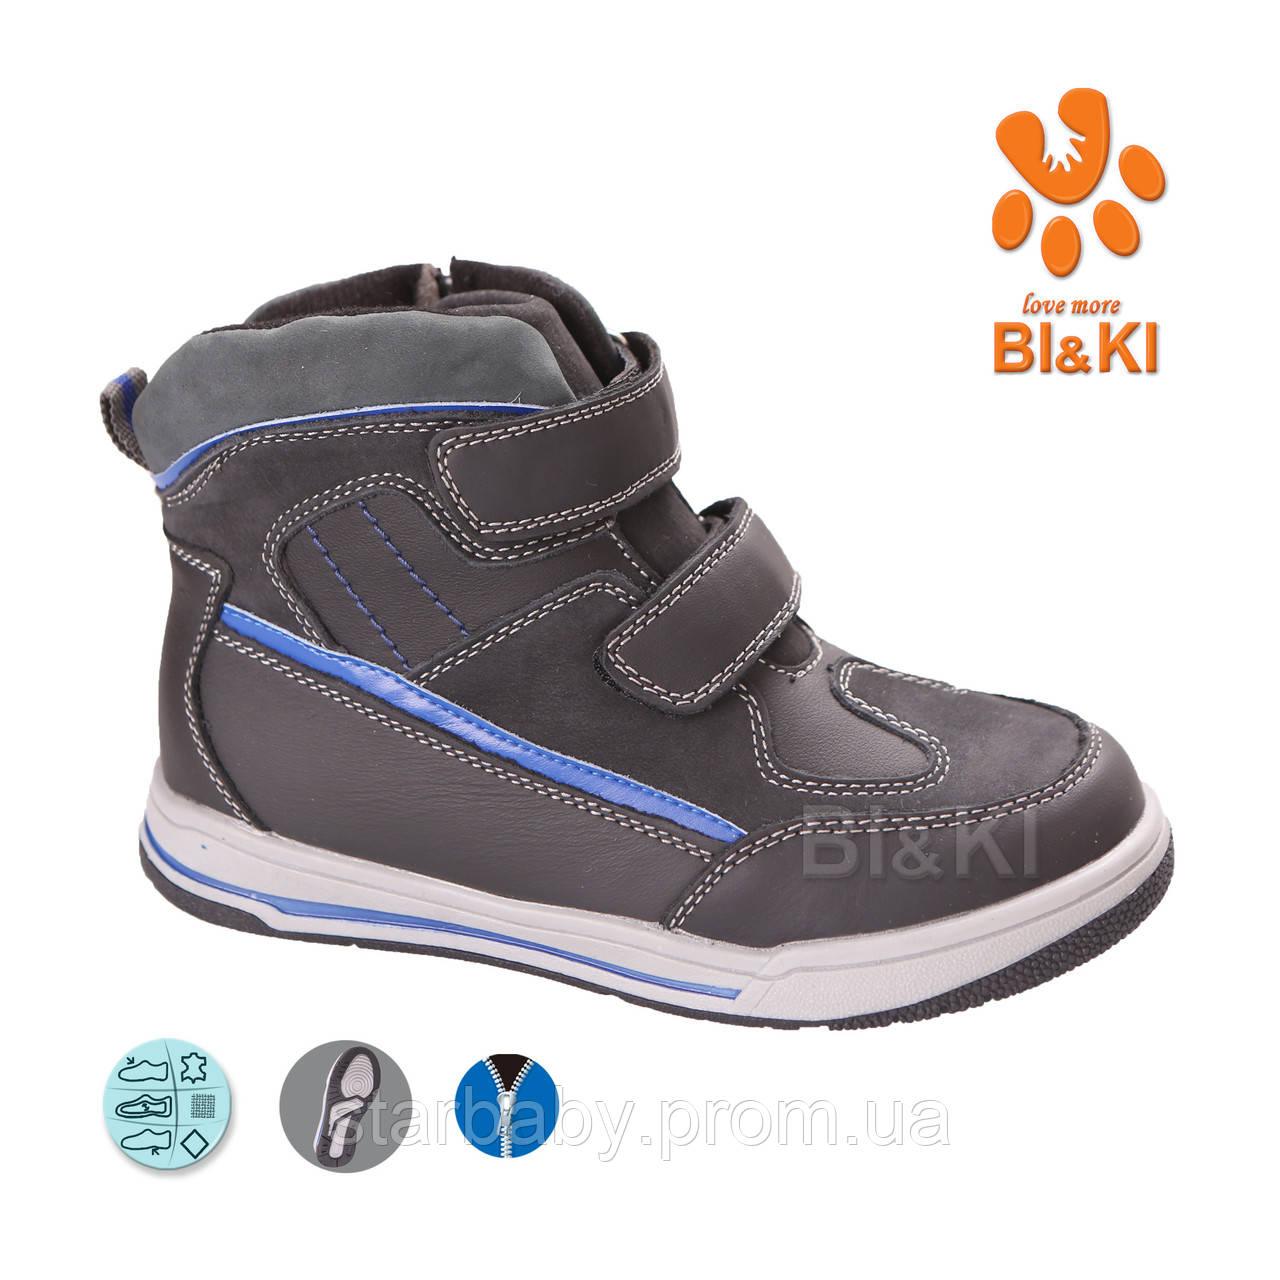 dd3caf91d Демисезонные ботинки на мальчика большие размеры 31-36: продажа ...